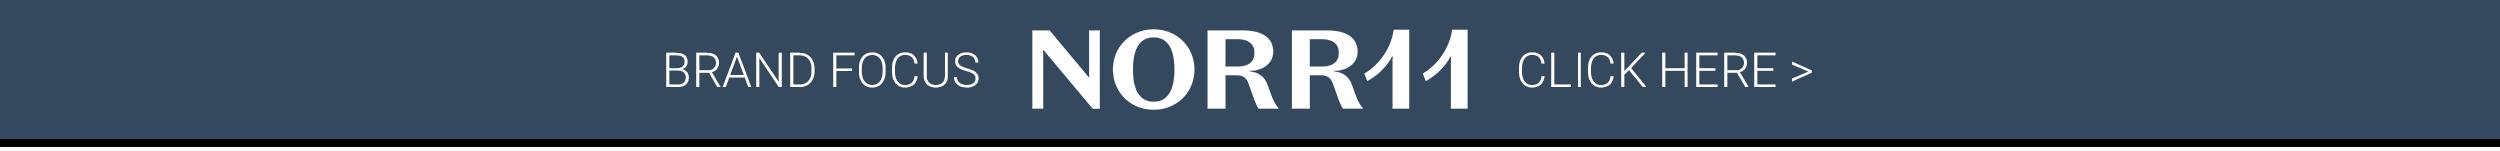 Norr11 Brand Focus